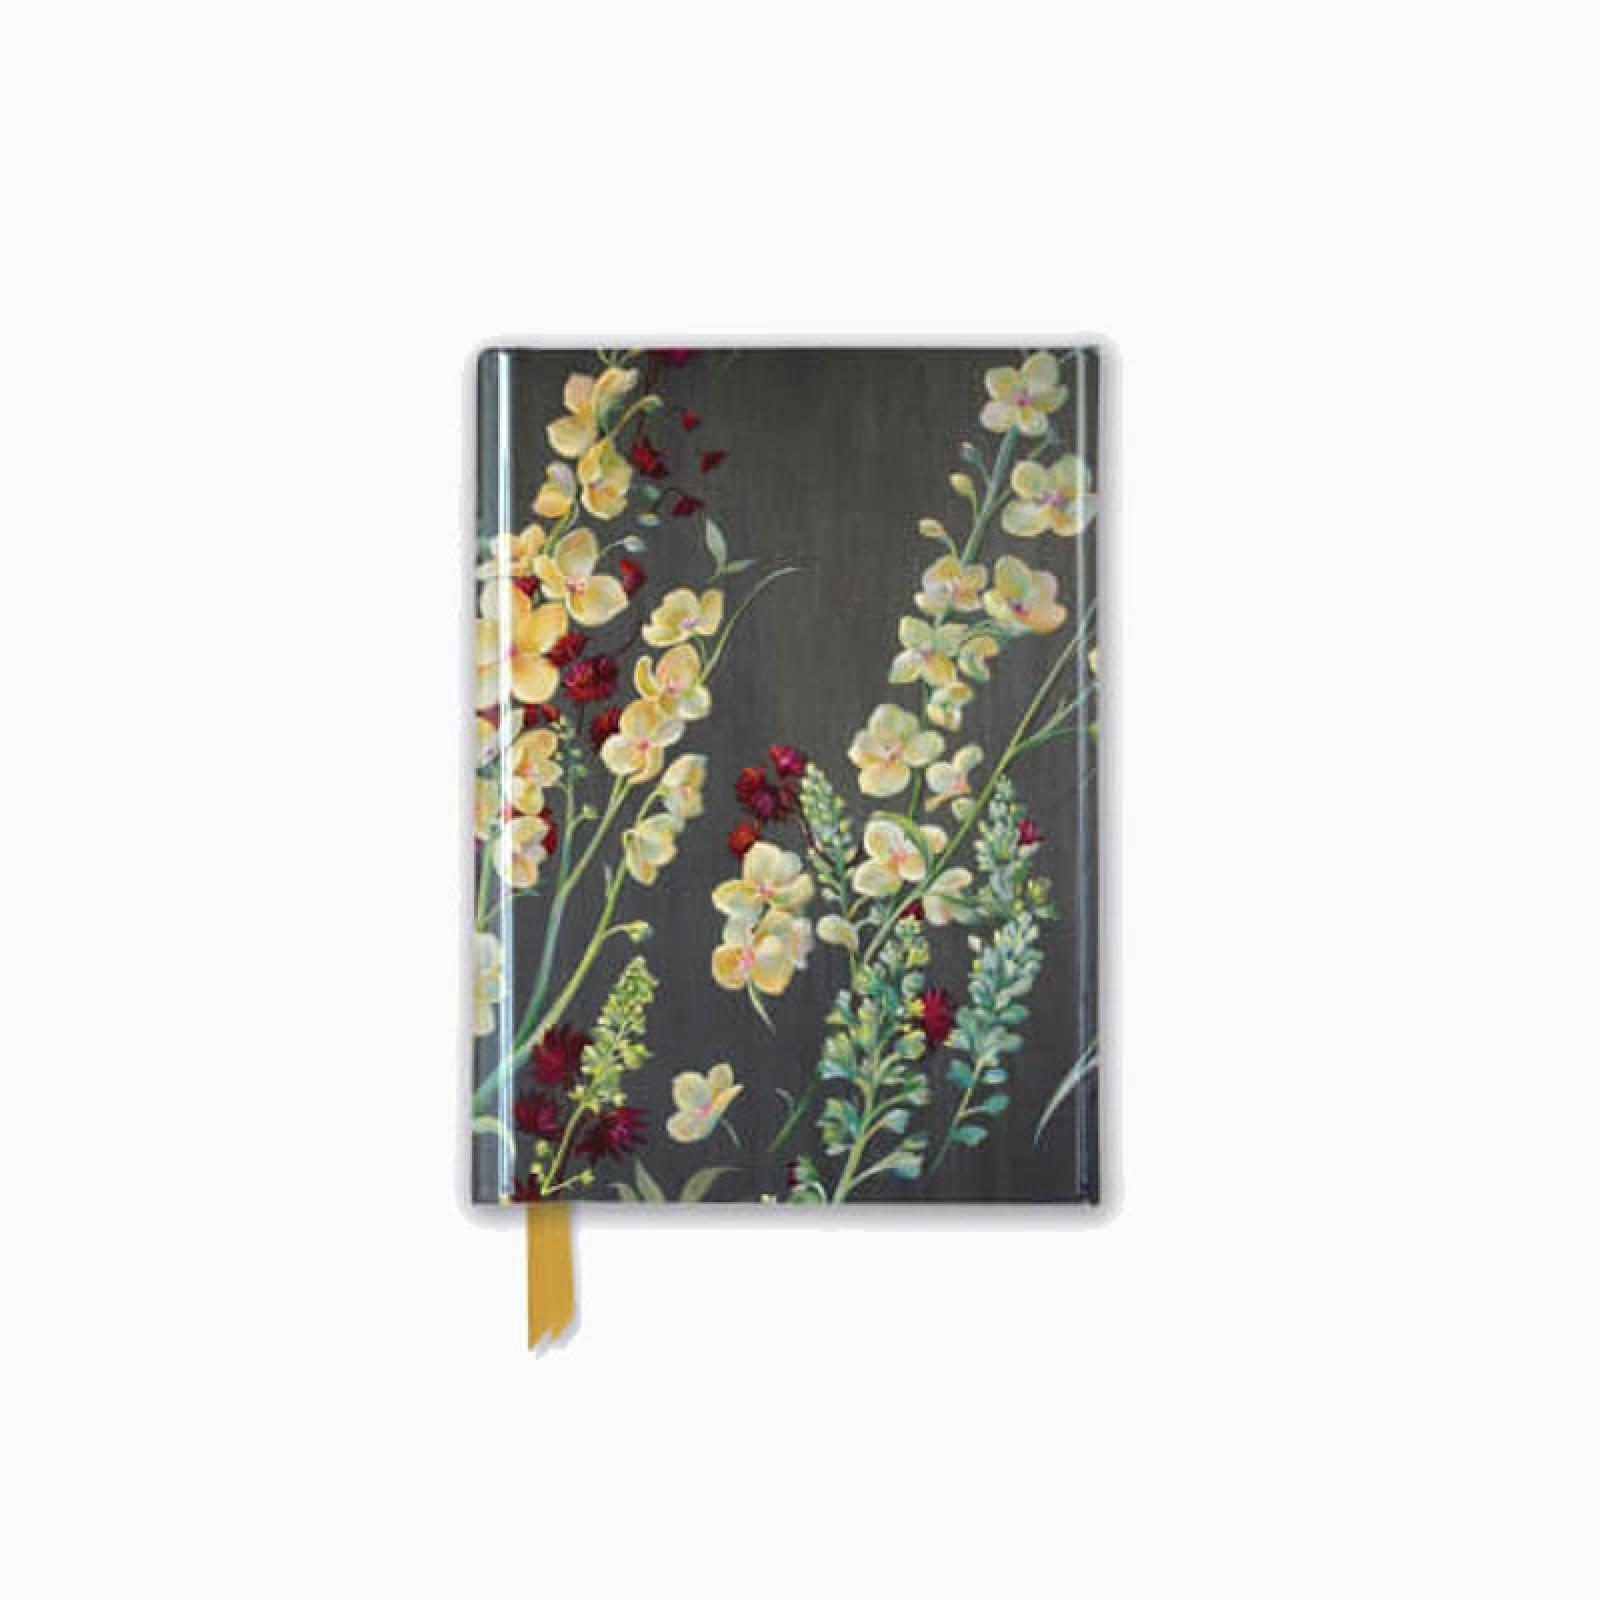 Tender Loving Care - Foiled Pocket Journal